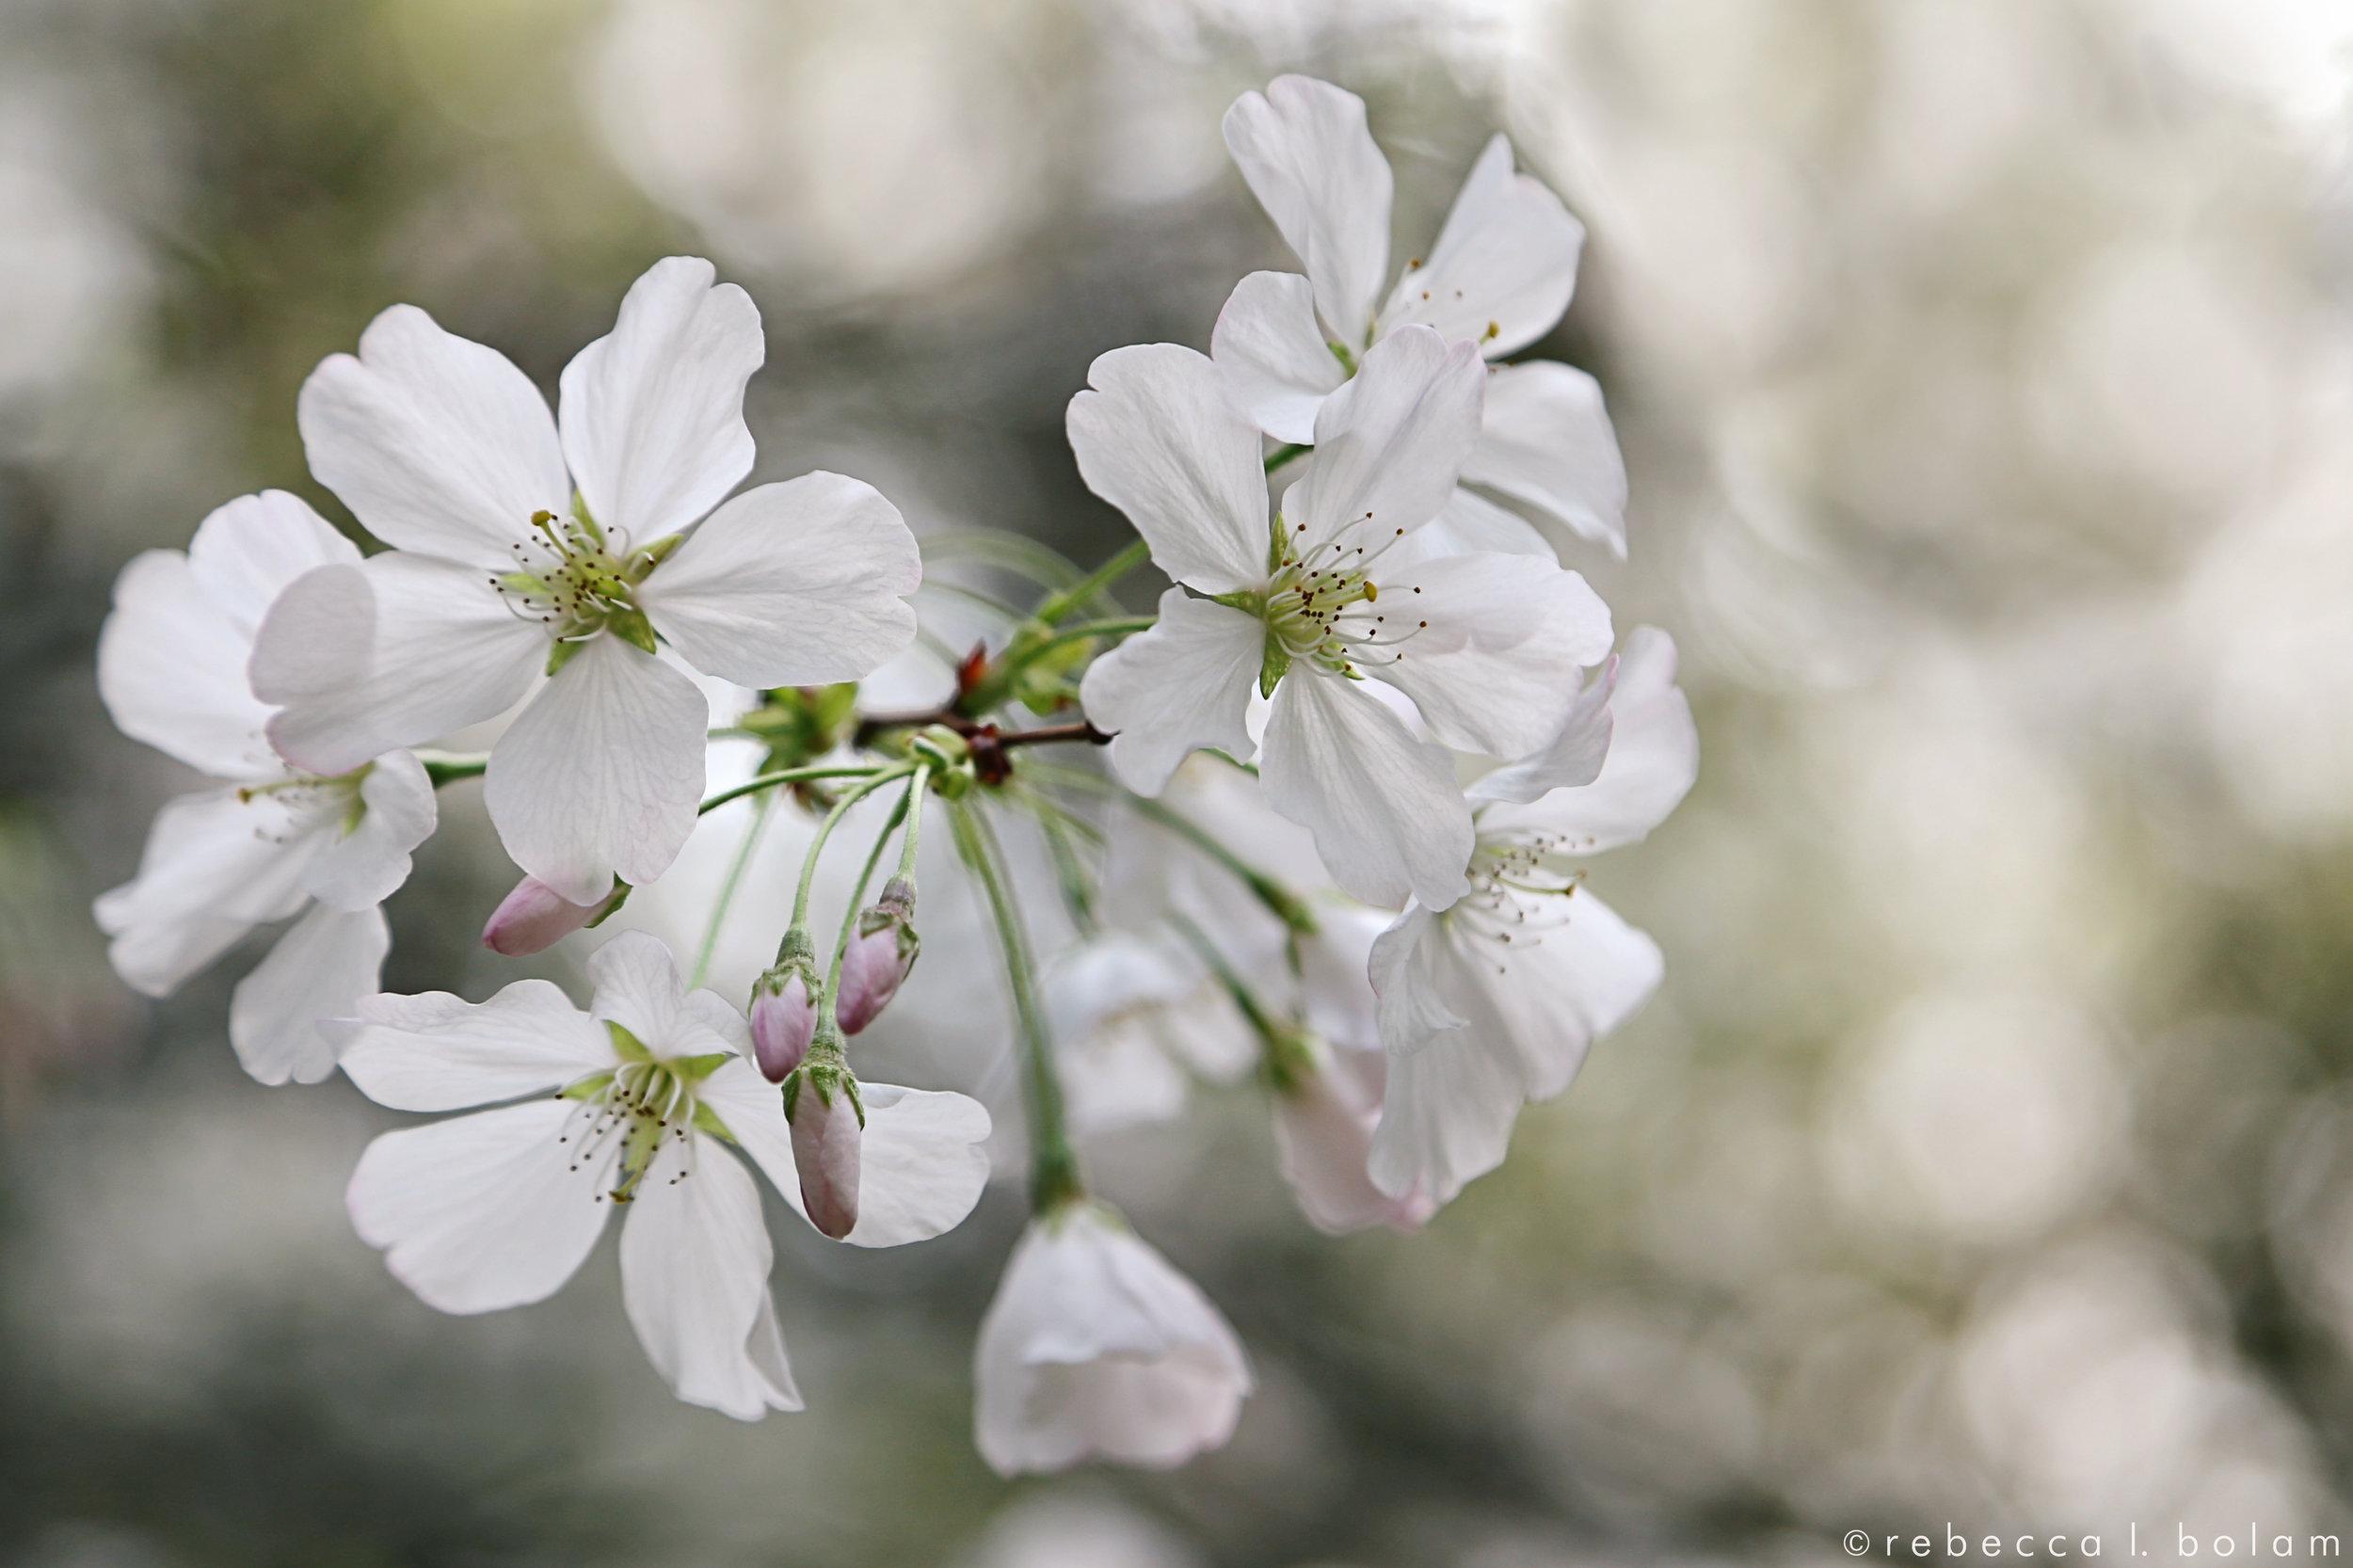 Desconso White Flowers Close wm.jpg